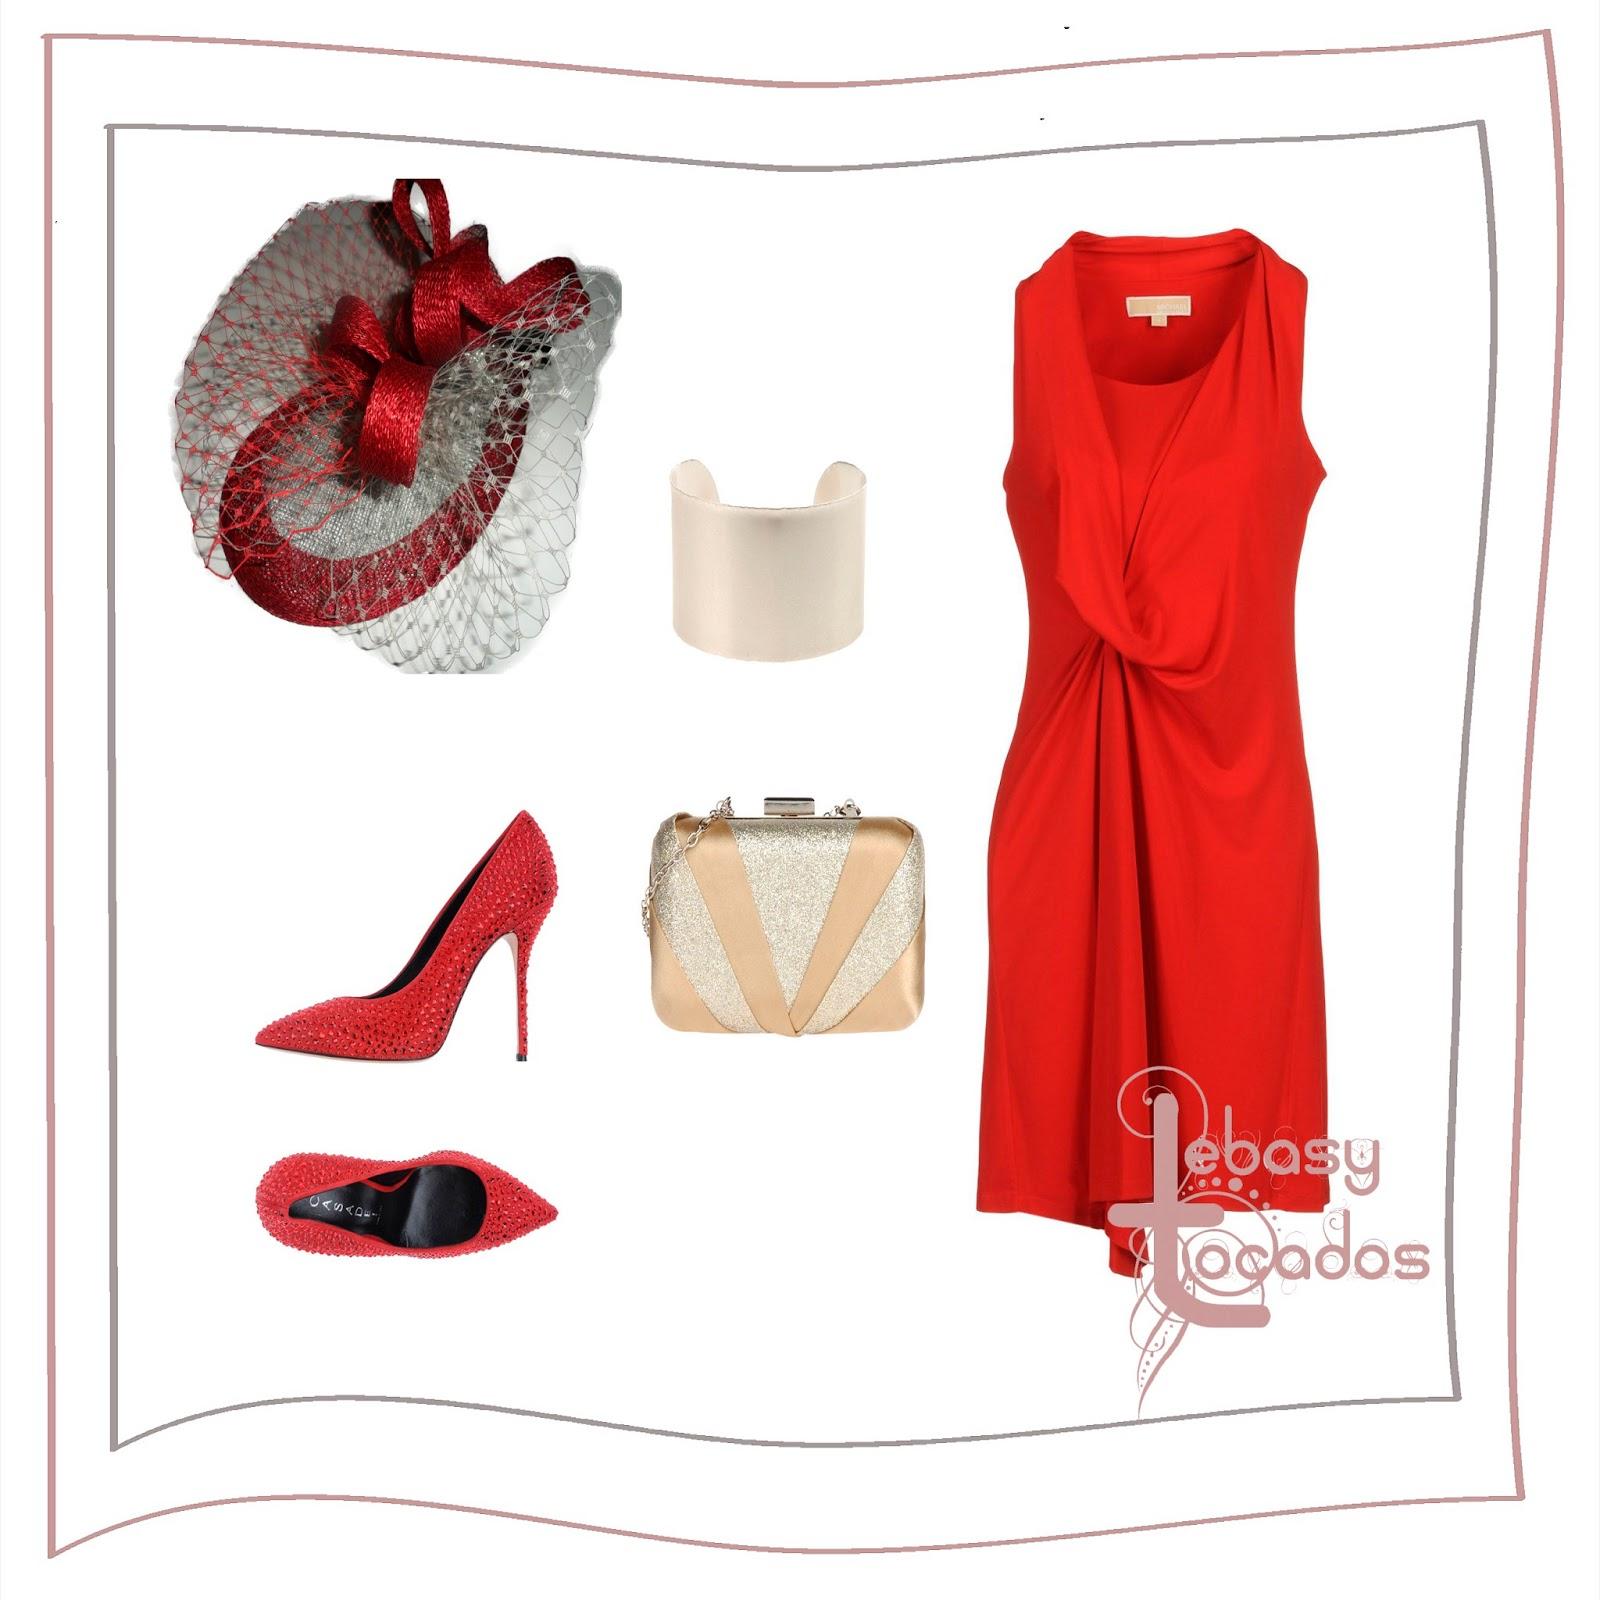 Tocado rojo de Lebasy Tocados a juego con zapatos y vestido